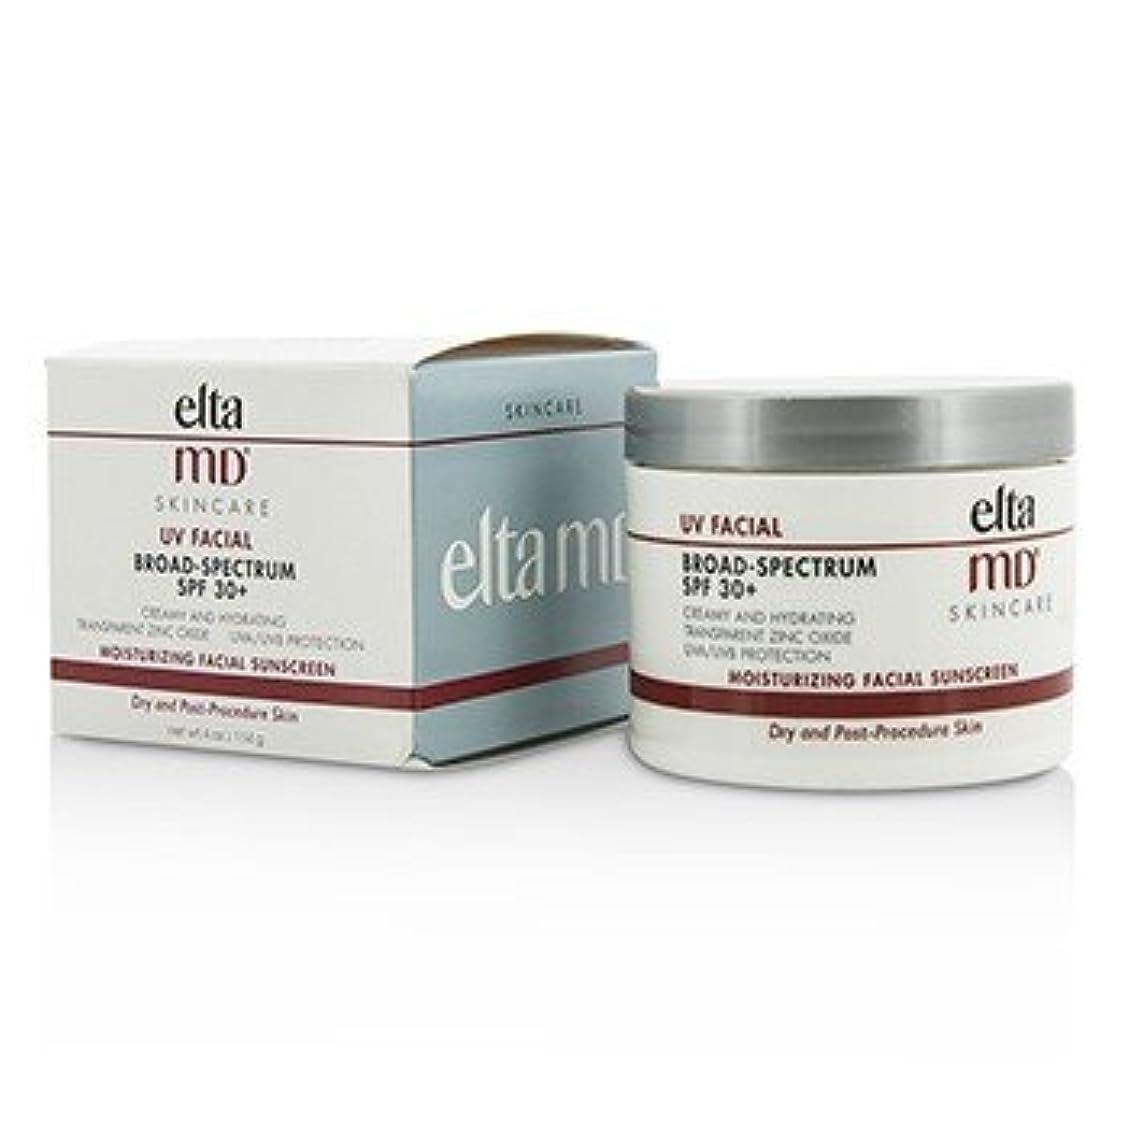 便利神話宇宙船[EltaMD] UV Facial Moisturizing Facial Sunscreen SPF 30 - For Dry & Post Procedure Skin 114g/4oz